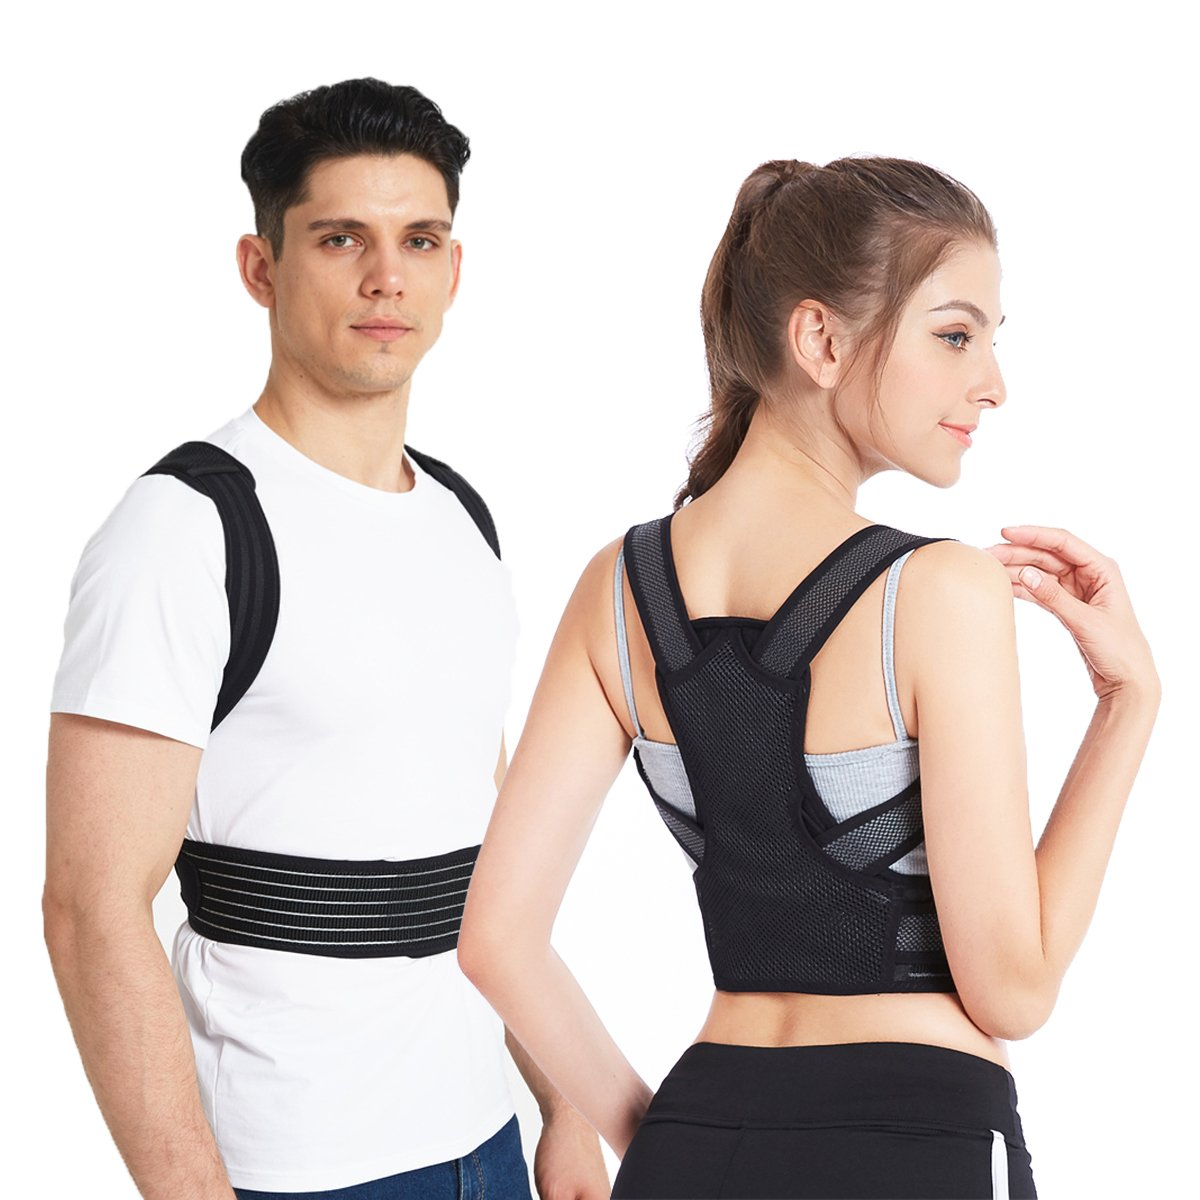 Slimerence Rücken Haltungskorrektur, Rücken Schulter Verstellbar Atmungsaktiv Bandage Geradehalter zur Haltungskorrektur